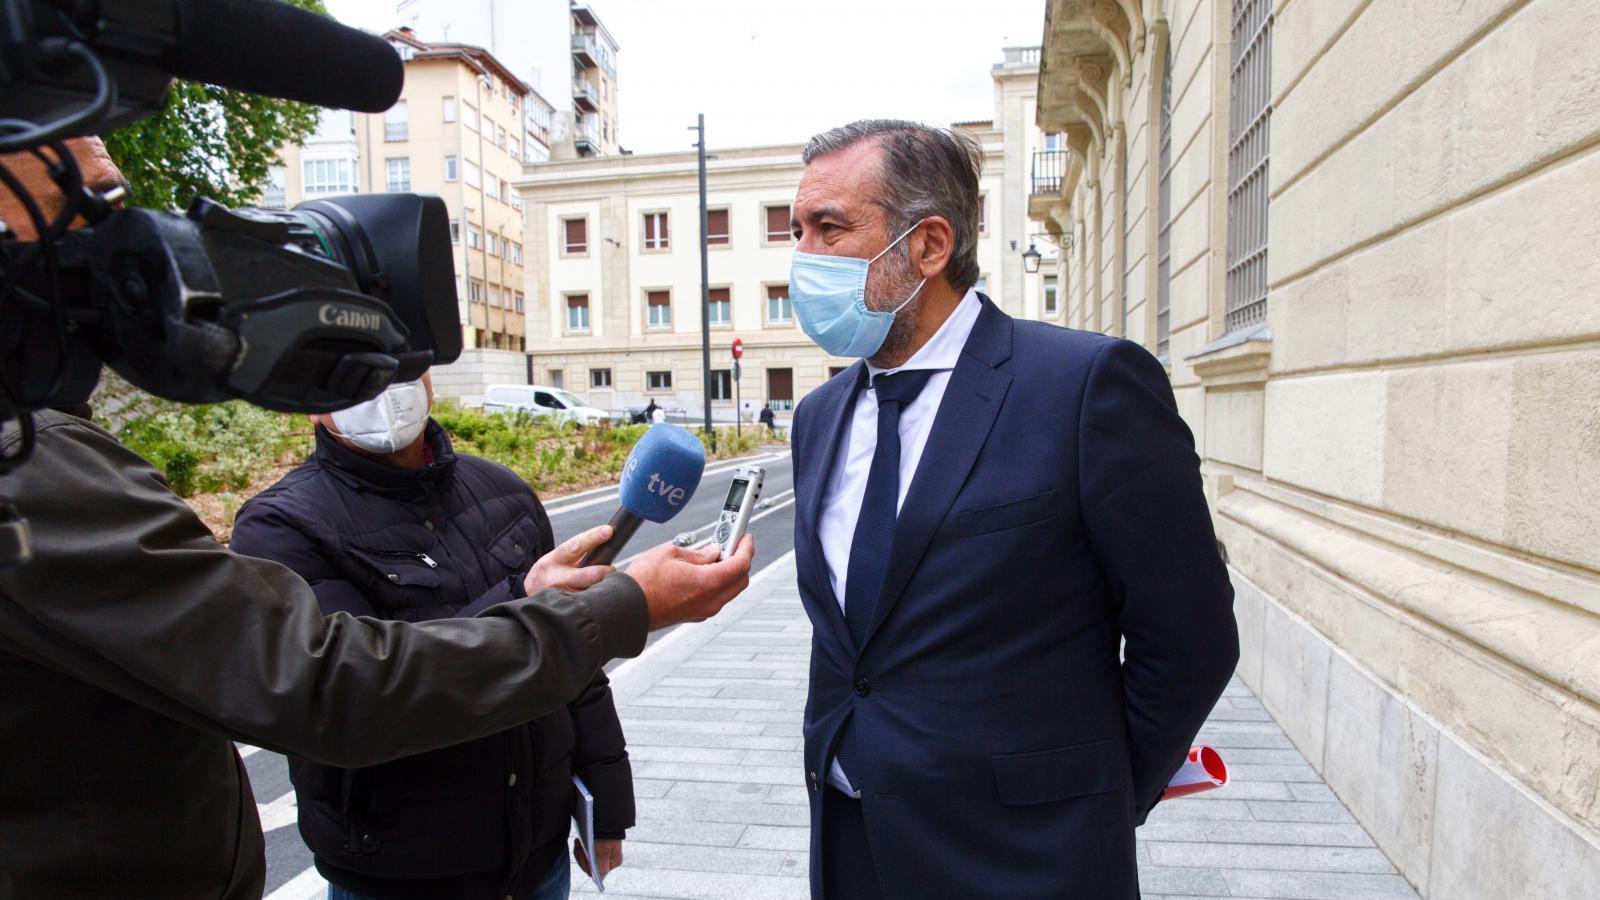 Políticos lamentan las aglomeraciones por el riesgo de salud pública